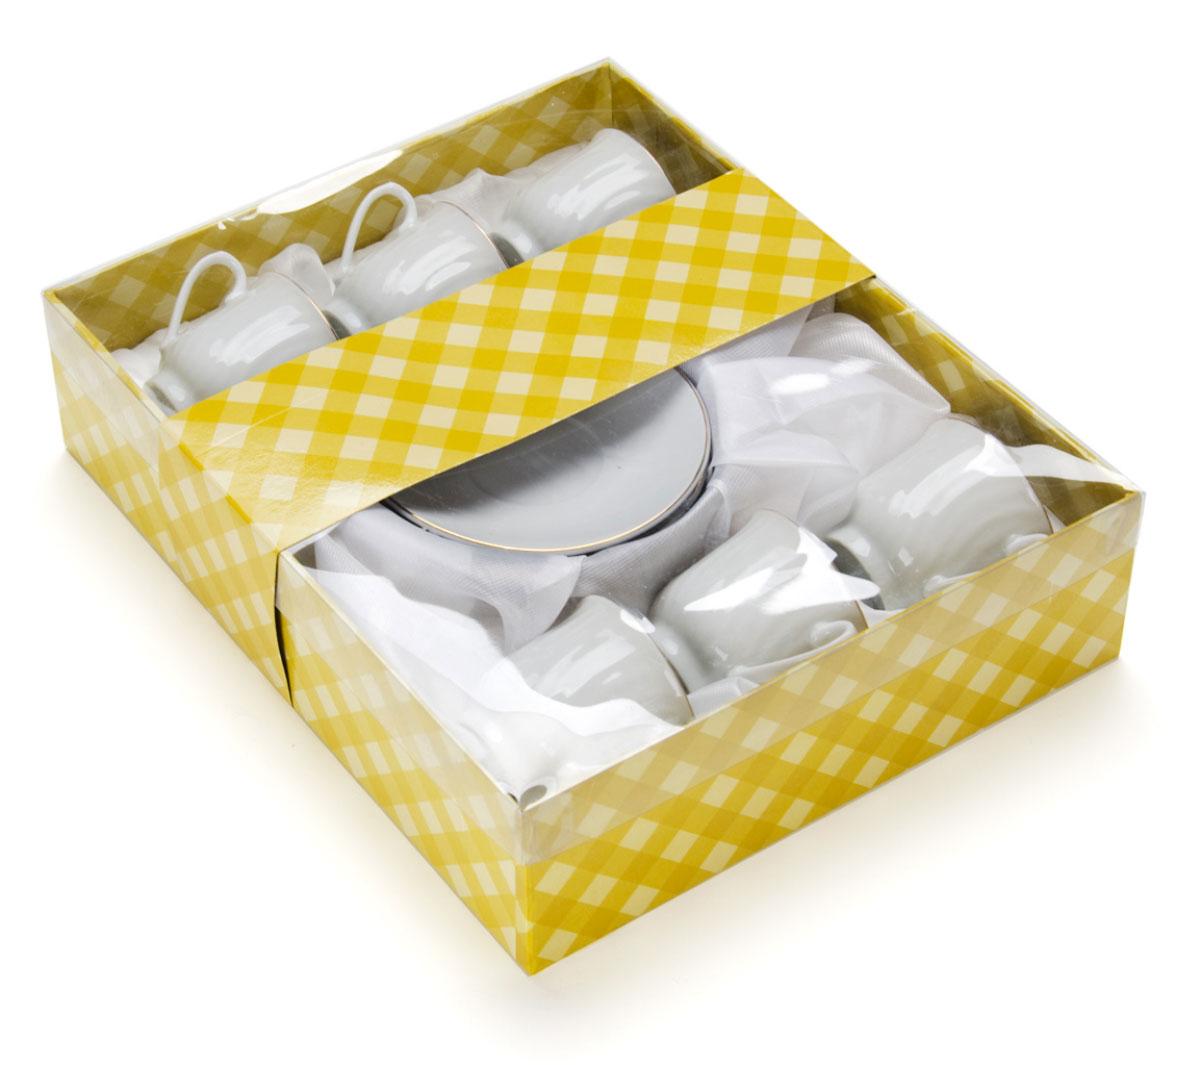 Набор кофейный Loraine, 12 предметов. 25611PR7983нНабор отличается своим изысканным дизайном, прочностью и функциональностью. Несмотря на свою внешнюю хрупкость, каждый из предметов набор облает высокой прочностью и надежностью. Аккуратные чашечки и блюдца выполнены из высококачественной керамики - материала безопасного для здоровья и надолго сохраняющего тепло напитка. Элегантный, классический дизайн с золотым декором делают этот кофейный набор прекрасным украшением любого стола.Объем чашки: 90 мл.Диаметр чашки: 6 см.Высота чашки: 5,5 см.Диаметр блюдца: 10,5 см.